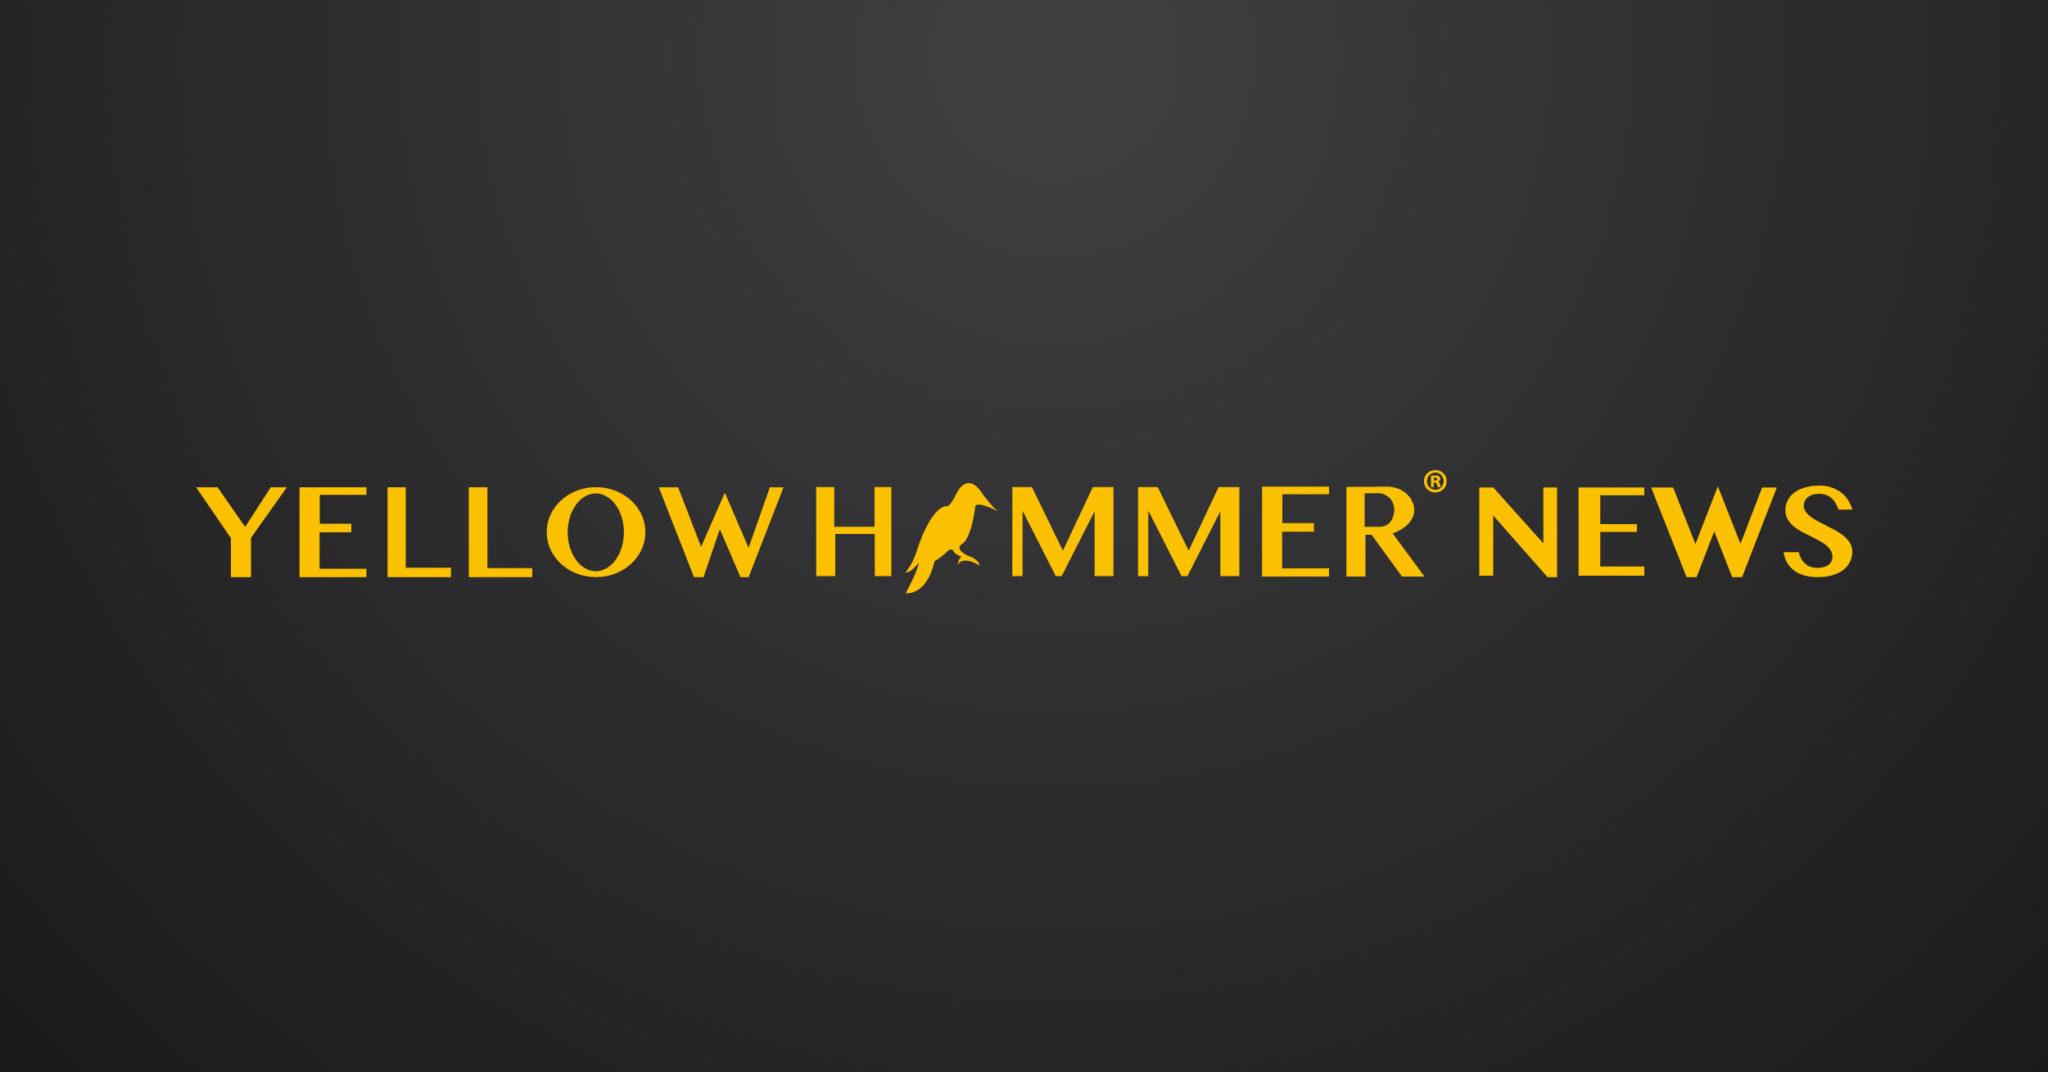 Yellowhammer News - Alabama's Home for News | Yellowhammer News